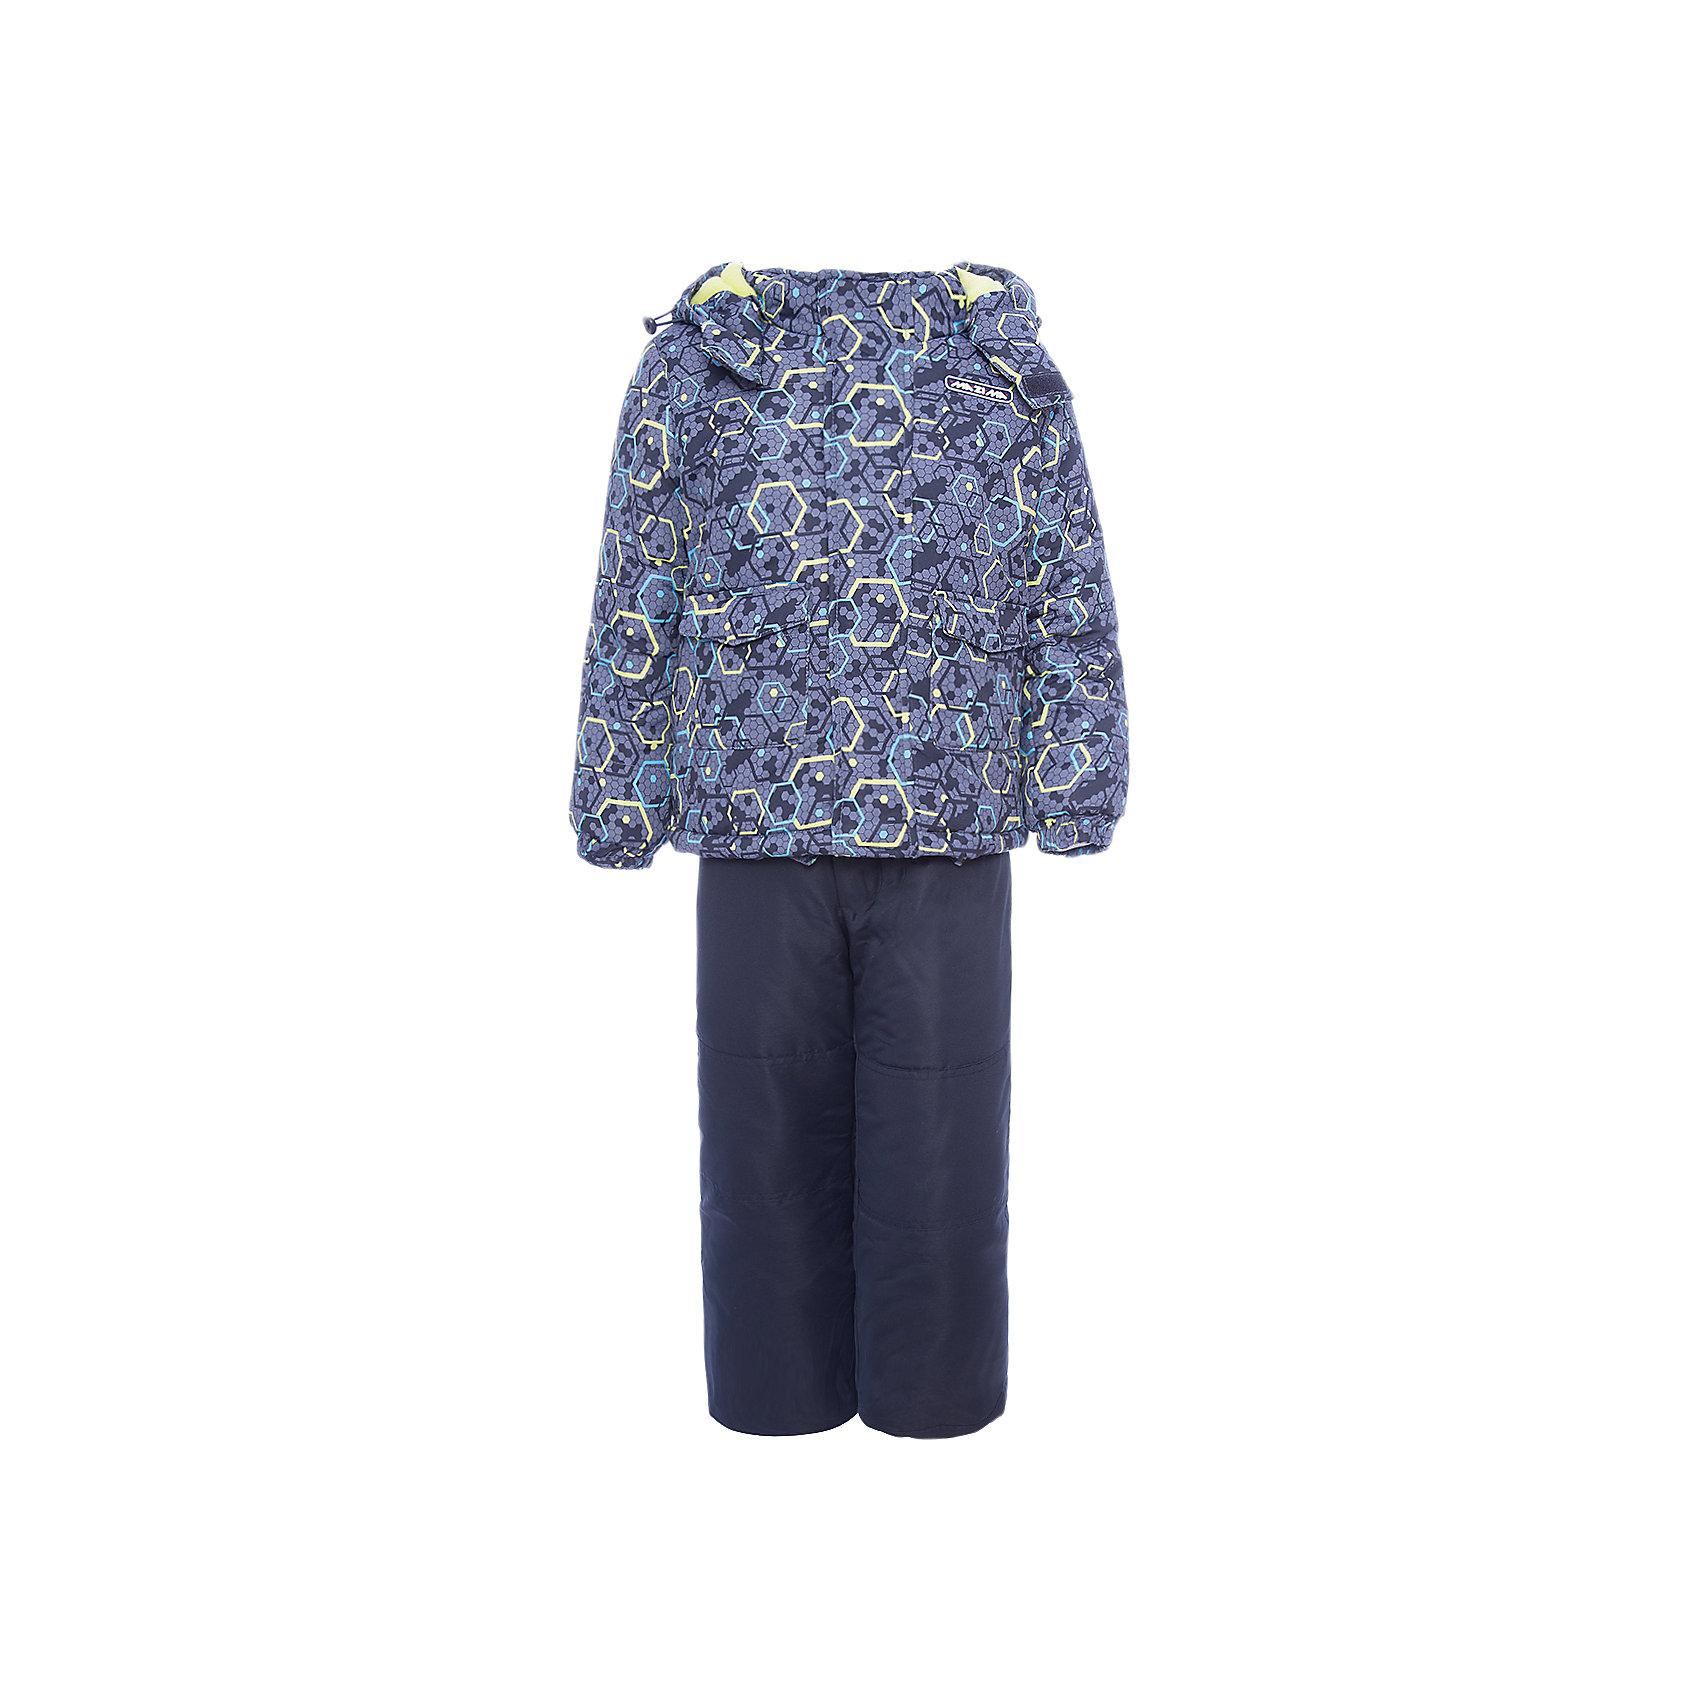 Комплект: куртка и брюки Ma-Zi-Ma для мальчикаВерхняя одежда<br>Характеристики товара:<br><br>• цвет: серый<br>• комплектация: куртка и брюки<br>• состав ткани: Taslan с водонепроницаемой пропиткой<br>• подкладка: поларфлис <br>• утеплитель: полиэстер<br>• сезон: зима<br>• температурный режим: от -30 до +5<br>• водонепроницаемость: 1000 мм <br>• паропроницаемость: 1000 г/м2<br>• плотность утеплителя: куртка - 280 г/м2, брюки - 200 г/м2<br>• капюшон: съемный, без меха<br>• застежка: молния<br>• брюки усилены износостойкими вставками<br>• страна бренда: Россия<br>• страна изготовитель: Китай<br><br>Детский комплект для зимы состоит из куртки с капюшоном и брюк с износостойкими накладками. Зимний комплект для мальчика стильно смотрится и удобно сидит. Верх детской зимней куртки и брюк не промокает и не продувается. Мягкая подкладка детского комплекта для зимы приятна на ощупь. <br><br>Комплект: куртка и брюки Ma-Zi-Ma (Ма-Зи-Ма) для мальчика можно купить в нашем интернет-магазине.<br><br>Ширина мм: 356<br>Глубина мм: 10<br>Высота мм: 245<br>Вес г: 519<br>Цвет: серый<br>Возраст от месяцев: 132<br>Возраст до месяцев: 144<br>Пол: Мужской<br>Возраст: Детский<br>Размер: 152,92,98,104,110,116,122,128,134,140,146<br>SKU: 7144396